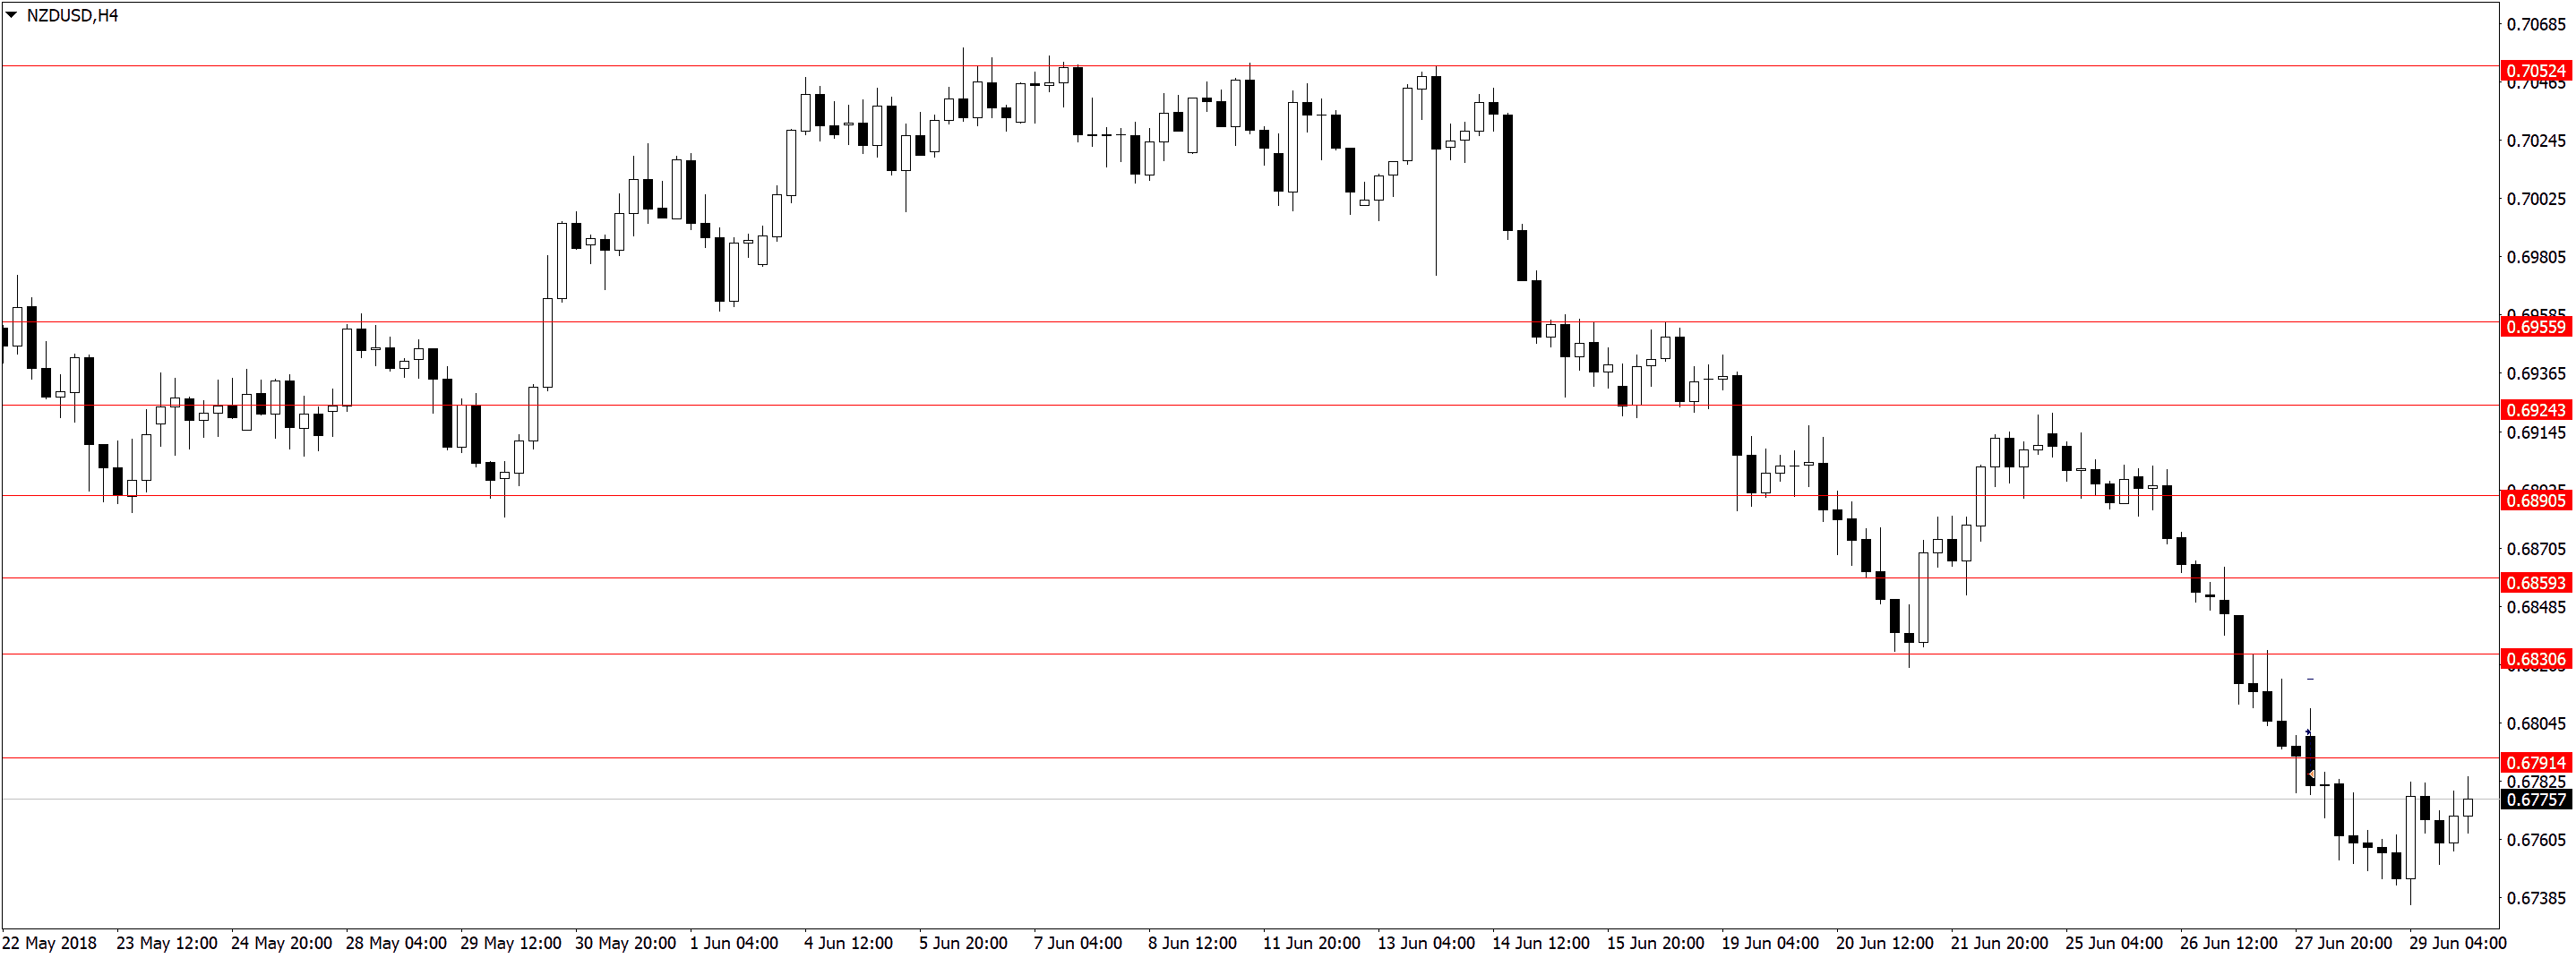 NZDUSDH4 1 Торговля по дневным графикам, ложные пробои и прайс экшен